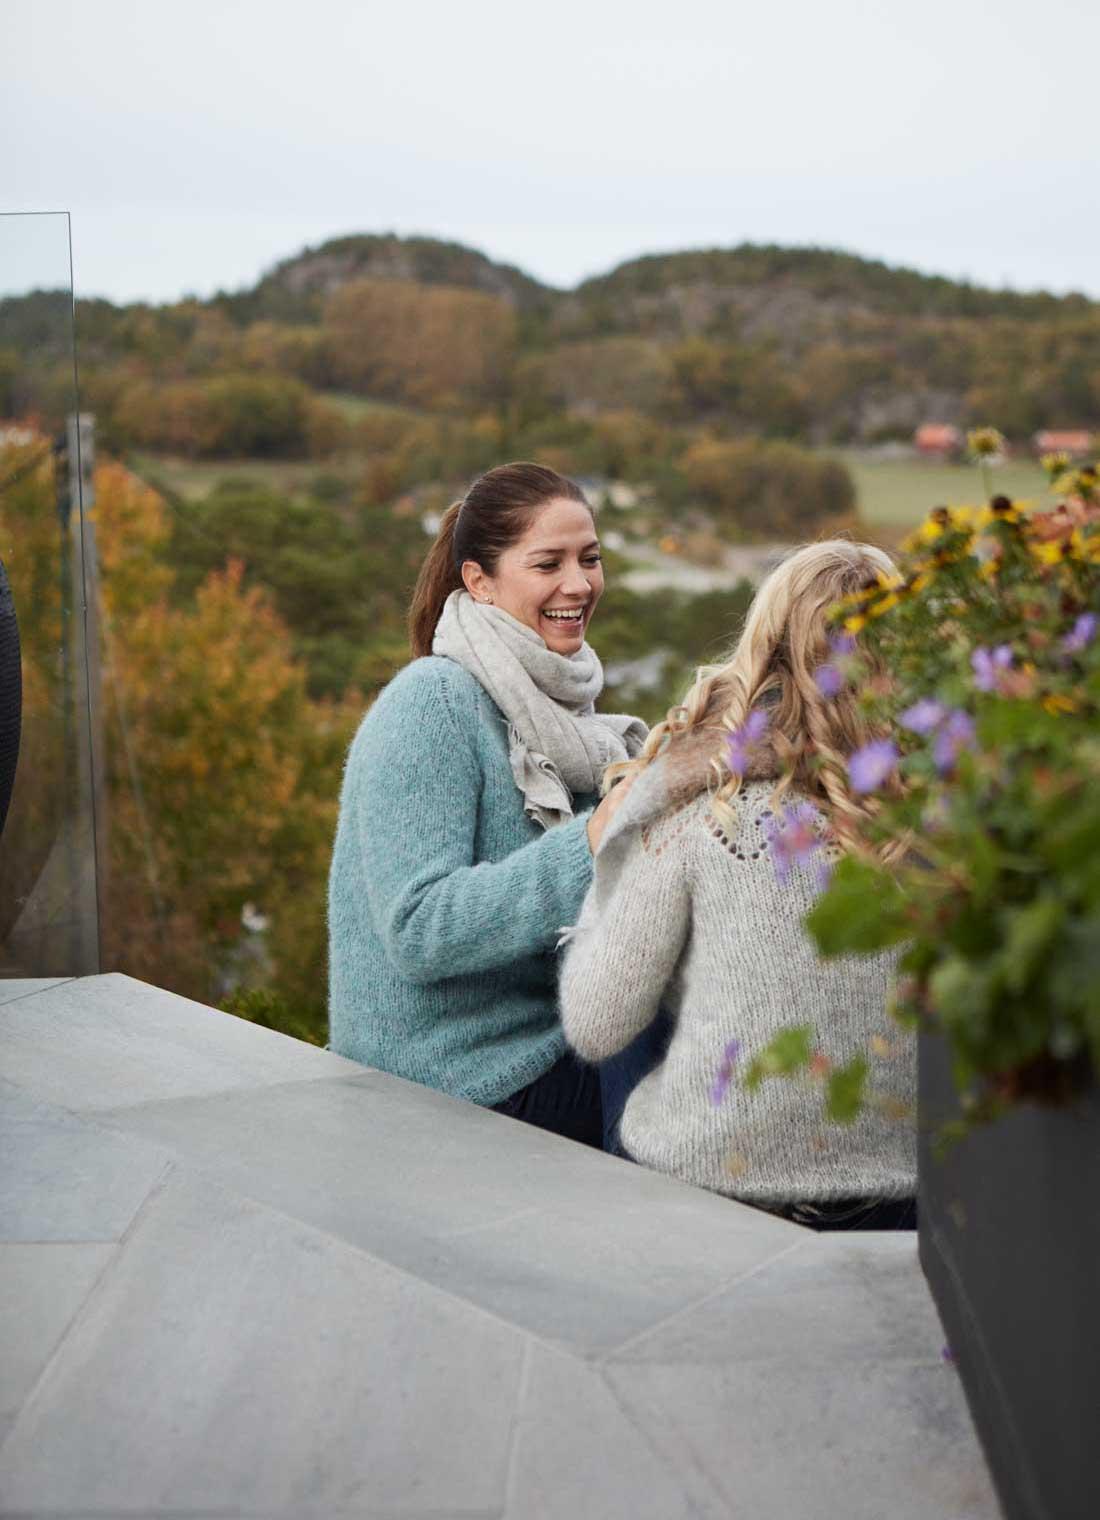 En kvinne og ung jente som sitter i trappen på en terrasse belagt med uteflis i lys Oppdalskifer. Det er grønt og frodig rundt og med store blomsterpotter på terrassen.